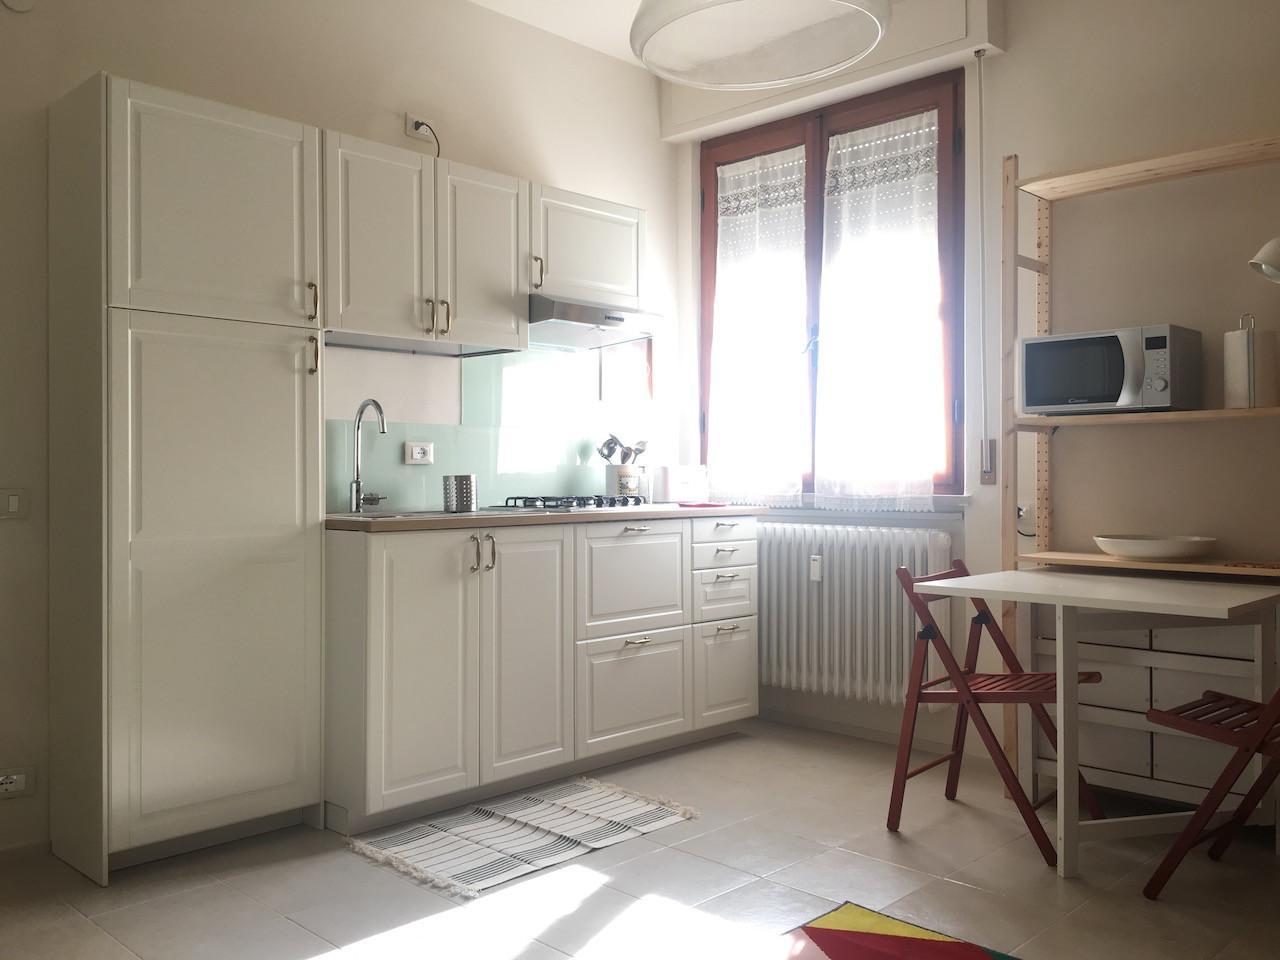 Appartamento in affitto, rif. X266 a